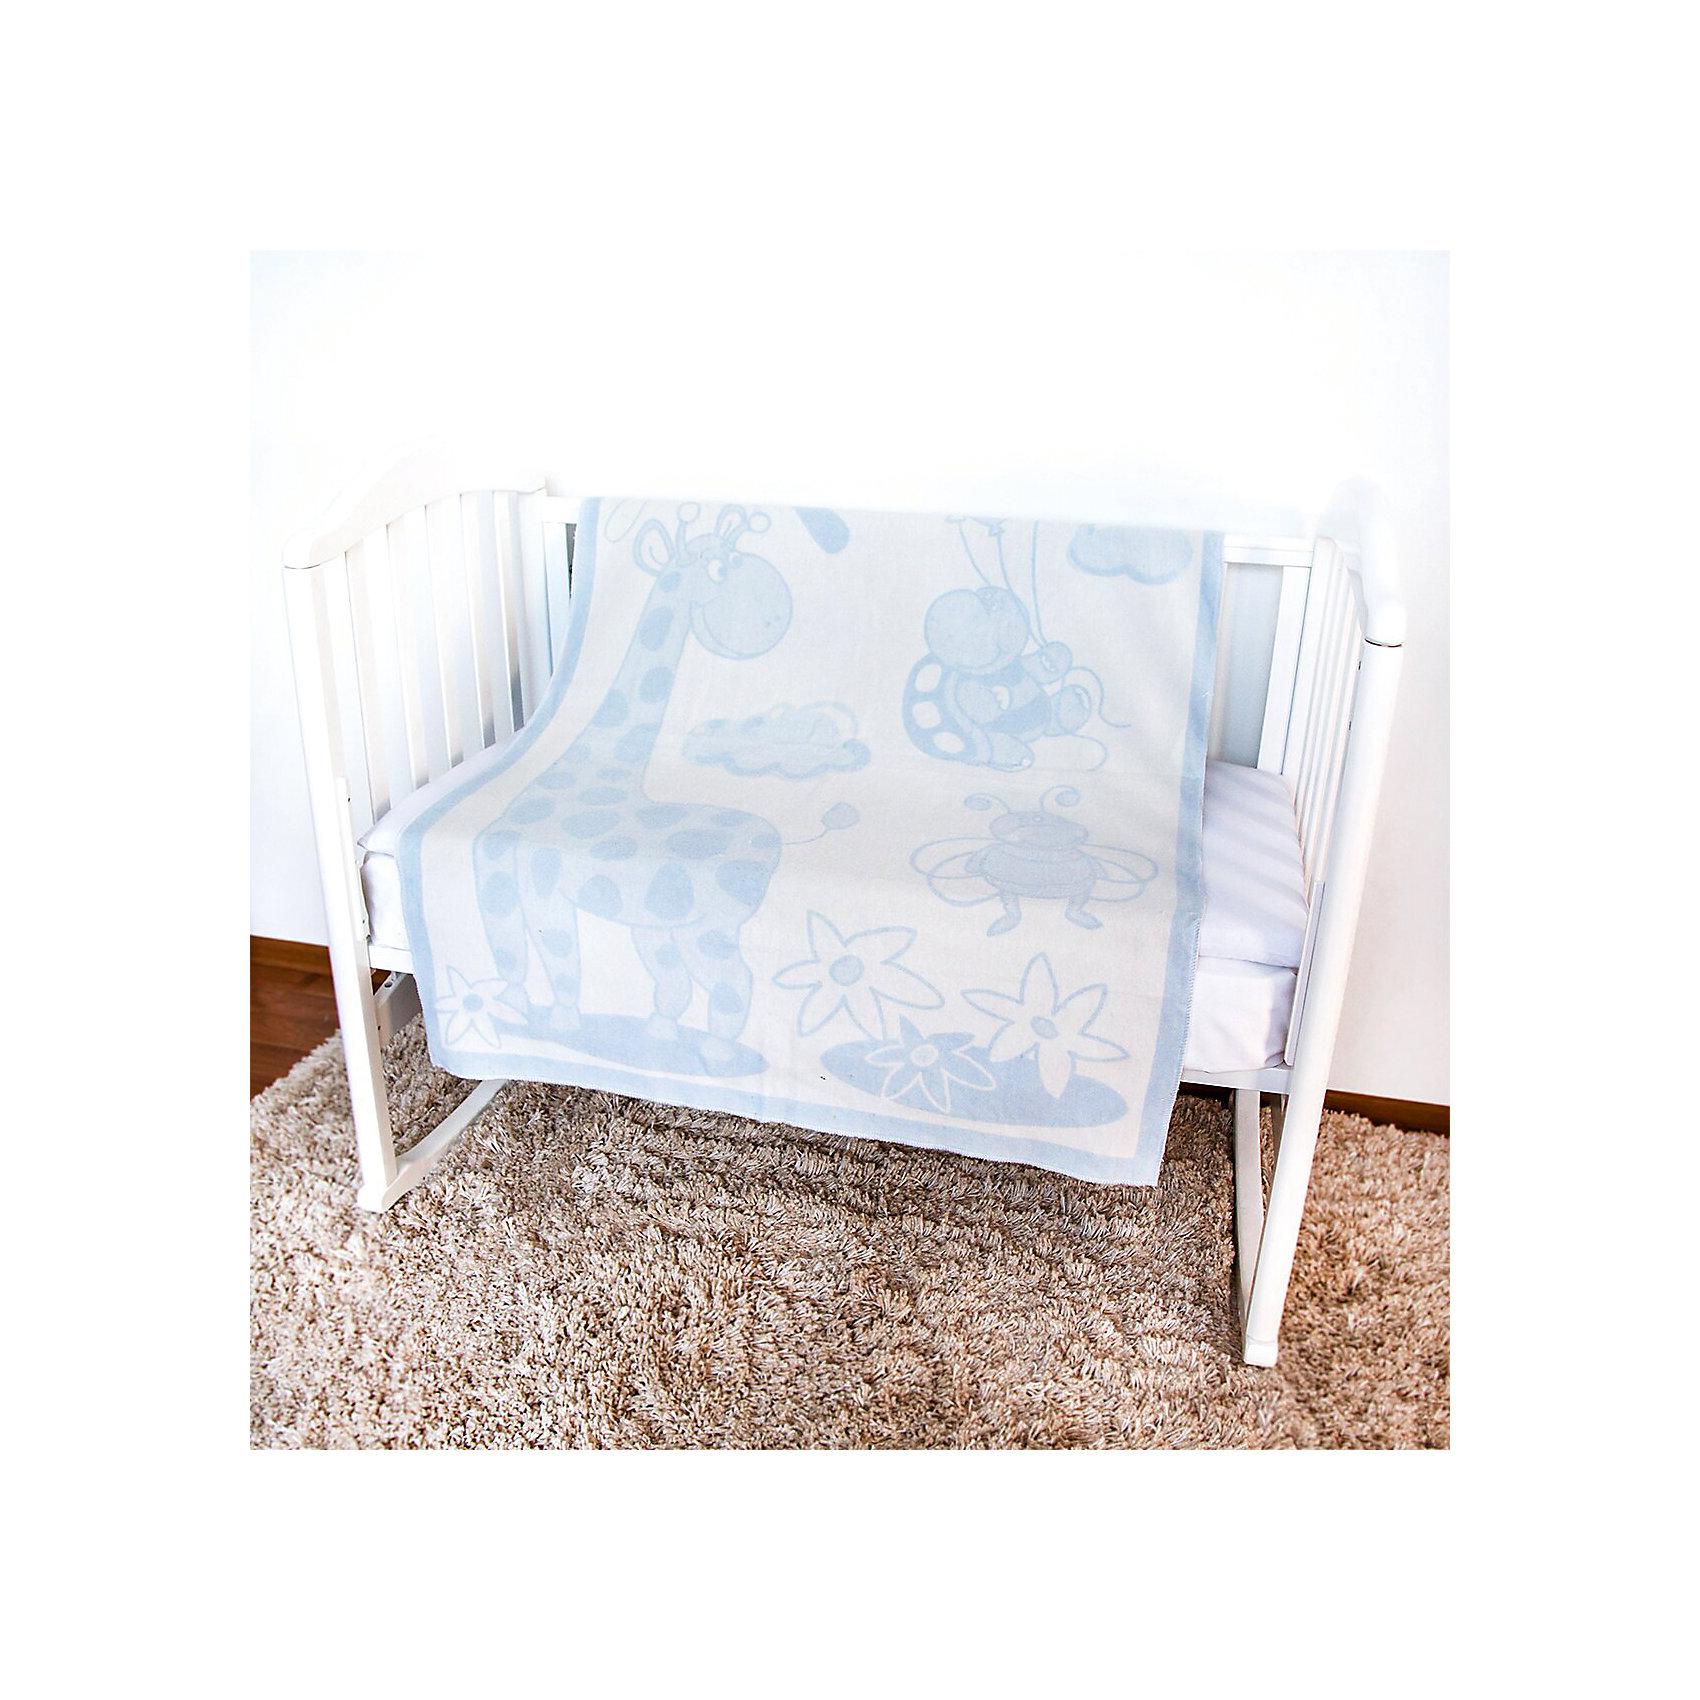 Одеяло байковое Жираф, 100х140, Baby Nice, голубойОдеяла, пледы<br>Предметы, находящиеся в детской кроватке, должны быть качественными и безопасными. Это одеяло разработано специально для малышей, оно обеспечивает комфорт на всю ночь. Одеяло украшено симпатичным принтом.<br>Одеяло сшито из натурального дышащего хлопка, приятного на ощупь. Он не вызывает аллергии, что особенно важно для малышей. Оно обеспечит хорошую терморегуляцию, а значит - крепкий сон. Одеяло сделано из высококачественных материалов, безопасных для ребенка.<br><br>Дополнительная информация:<br><br>цвет: голубой;<br>материал: хлопок, жаккард;<br>принт;<br>размер: 100 х 140 см.<br><br>Одеяло байковое Жираф, 100х140 от компании Baby Nice можно купить в нашем магазине.<br><br>Ширина мм: 230<br>Глубина мм: 250<br>Высота мм: 40<br>Вес г: 500<br>Возраст от месяцев: 0<br>Возраст до месяцев: 36<br>Пол: Унисекс<br>Возраст: Детский<br>SKU: 4941751